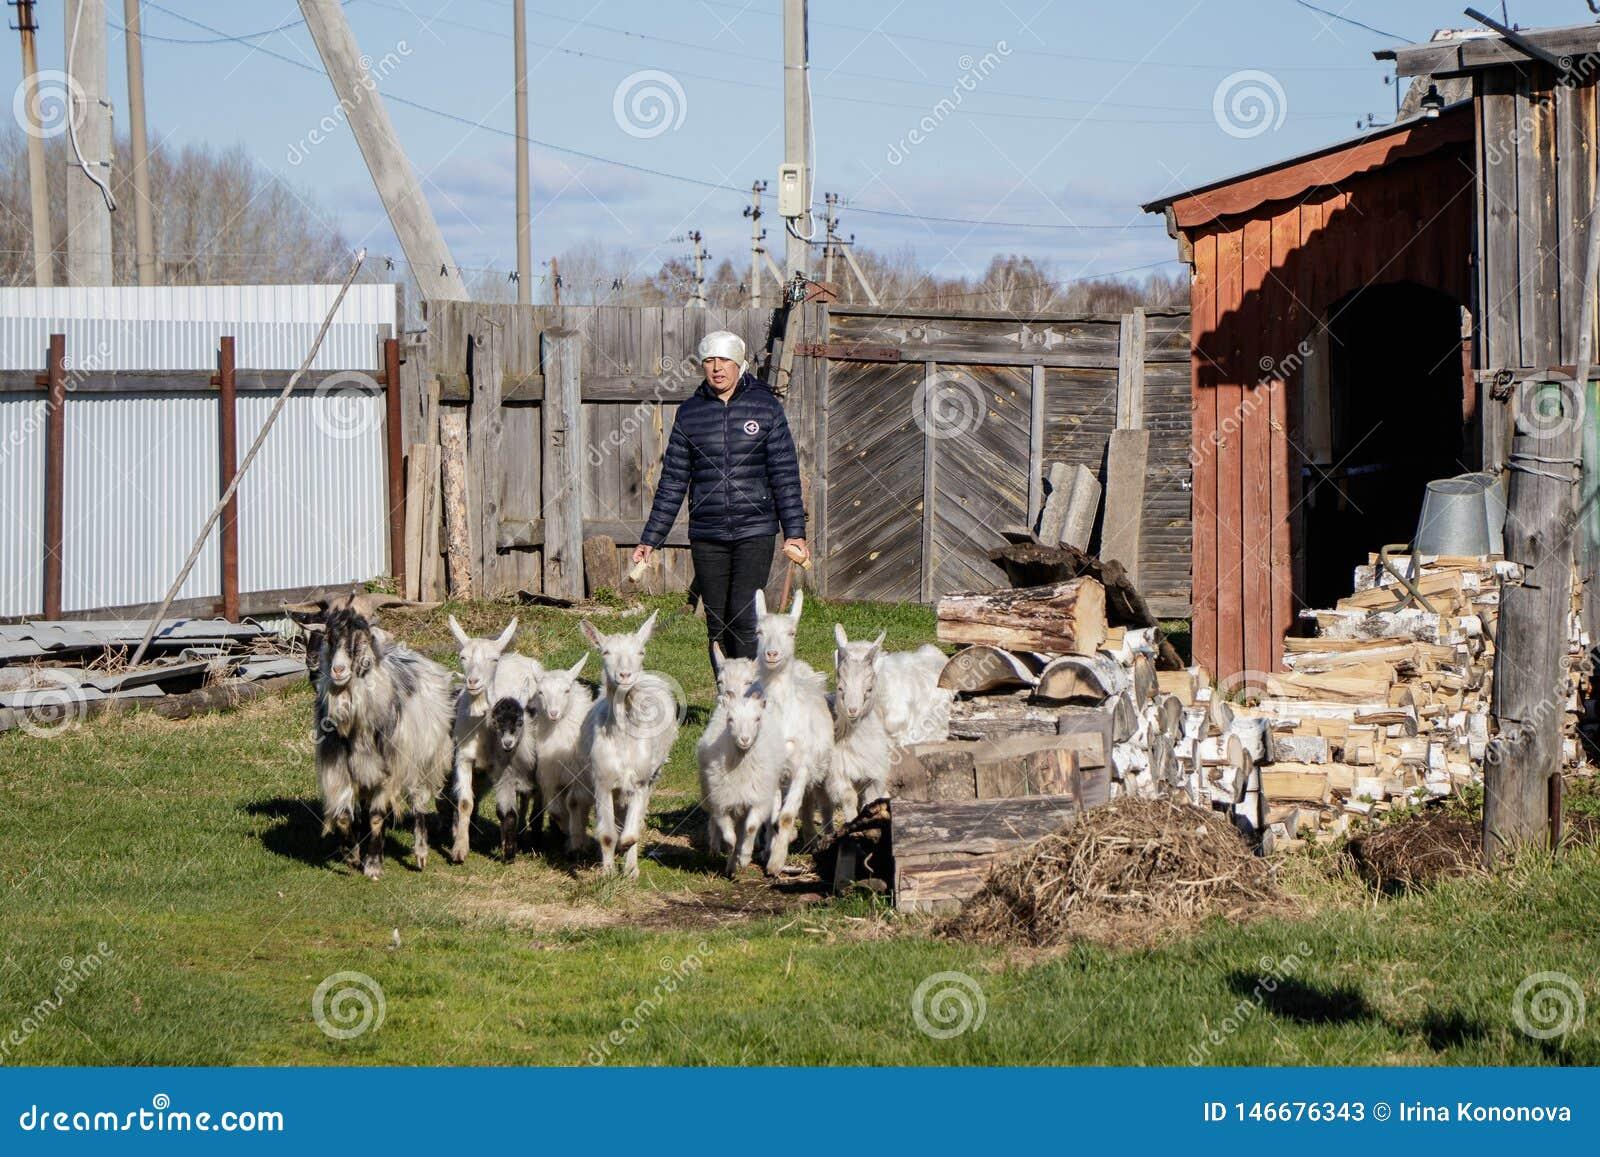 Aromashevsky俄罗斯2018年5月24日:有山羊的妇女在农庄